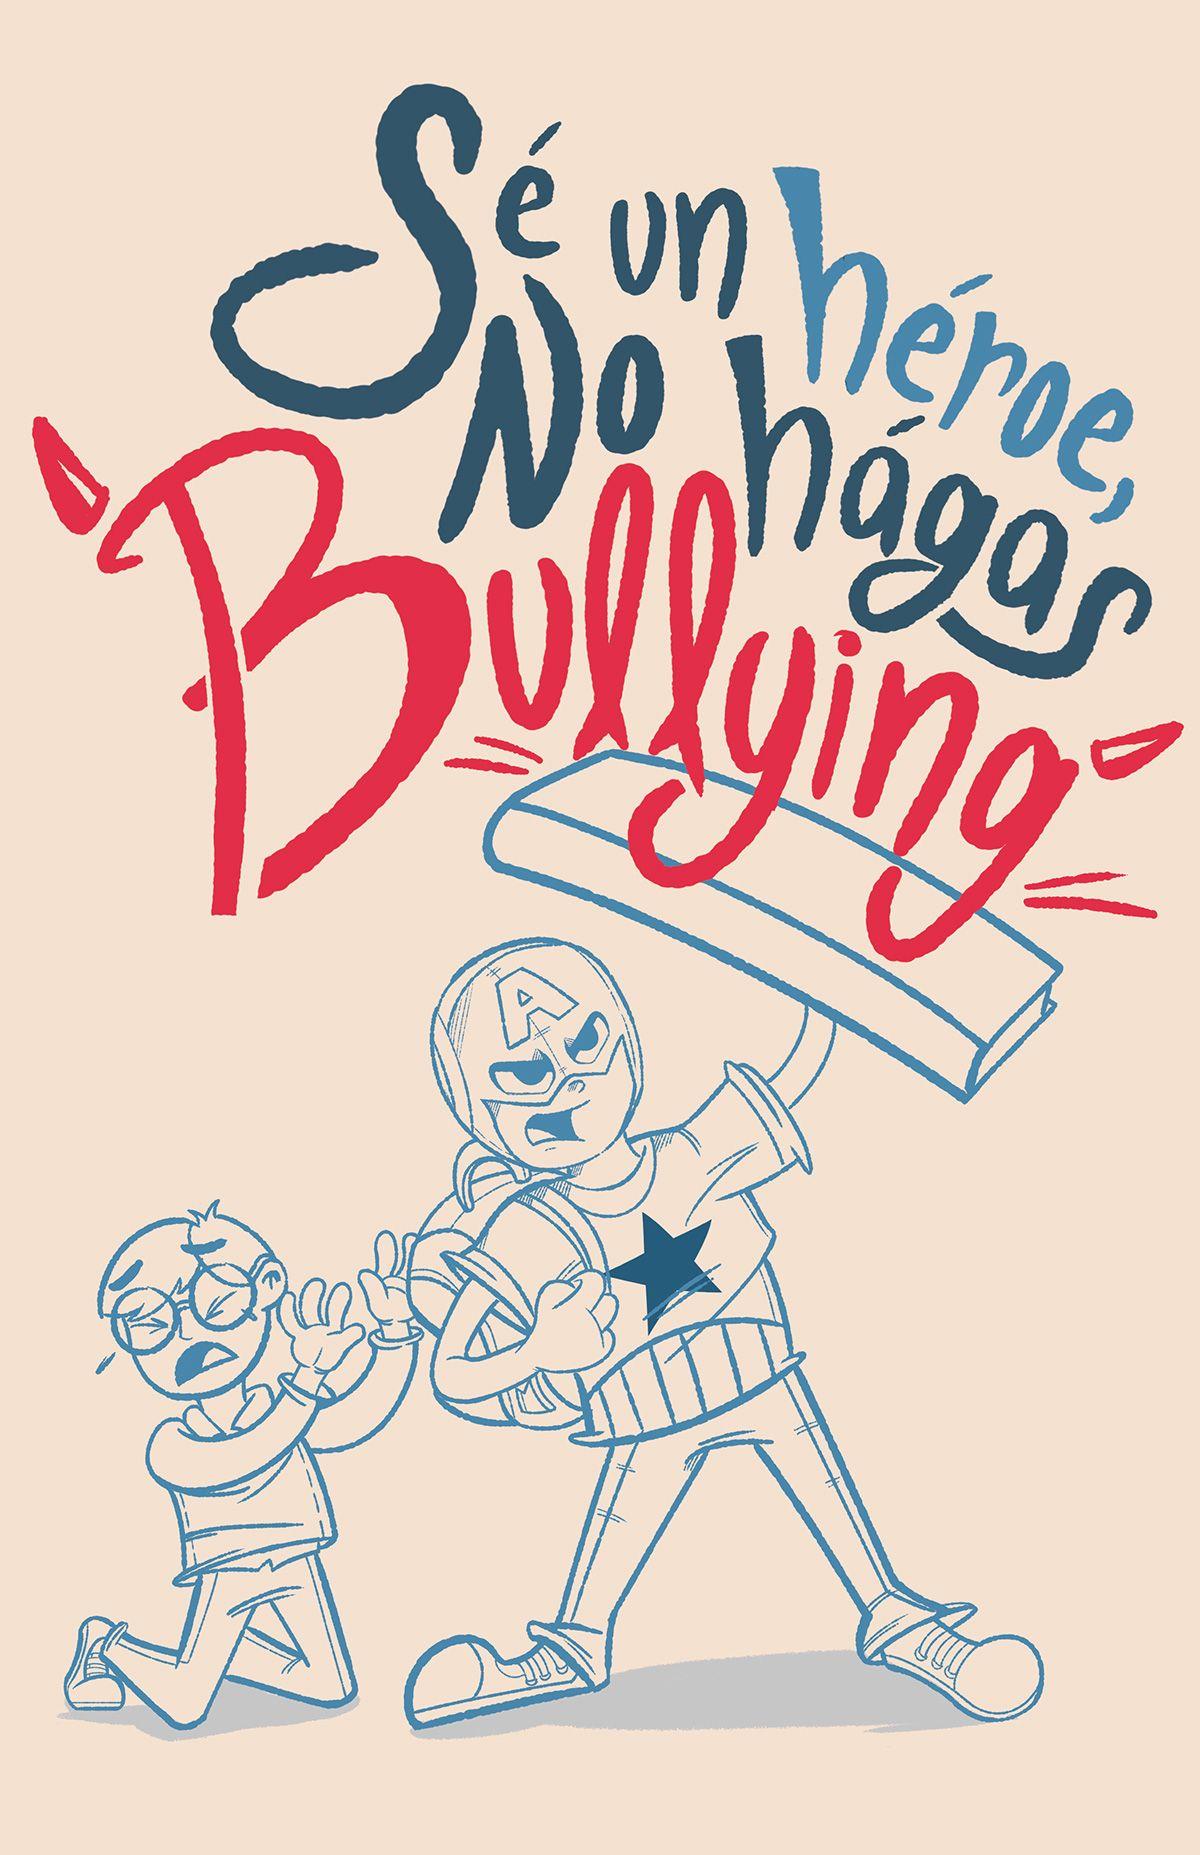 Resultado De Imagen Para Afiches Contra El Bullying Escolar Bullying